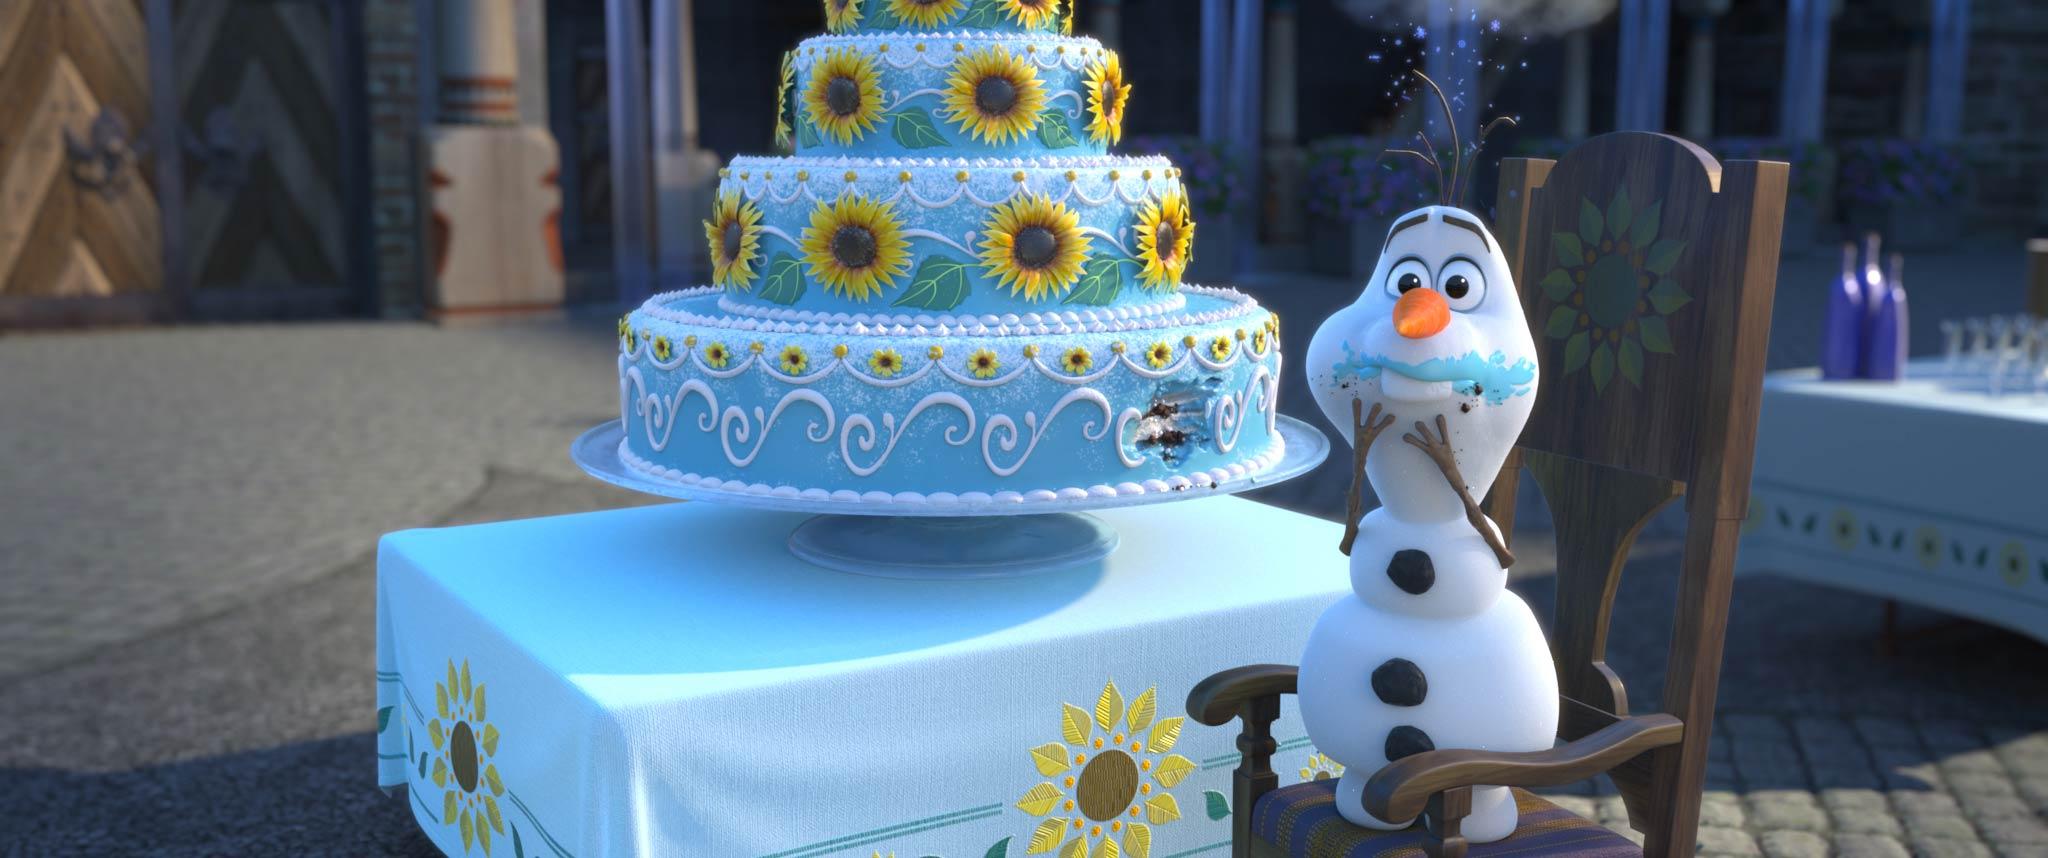 Olaf sneaks a taste of Anna's birthday cake.